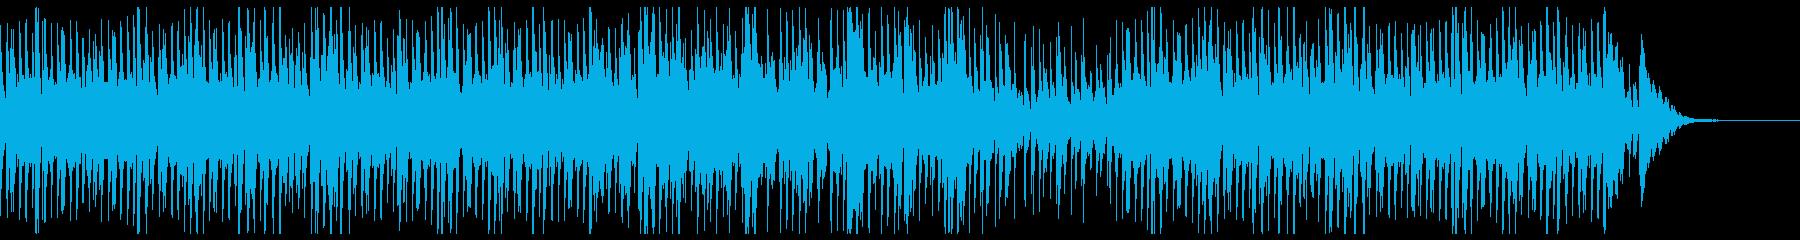 わくわくピアノトリオのクリスマス・ジャズの再生済みの波形